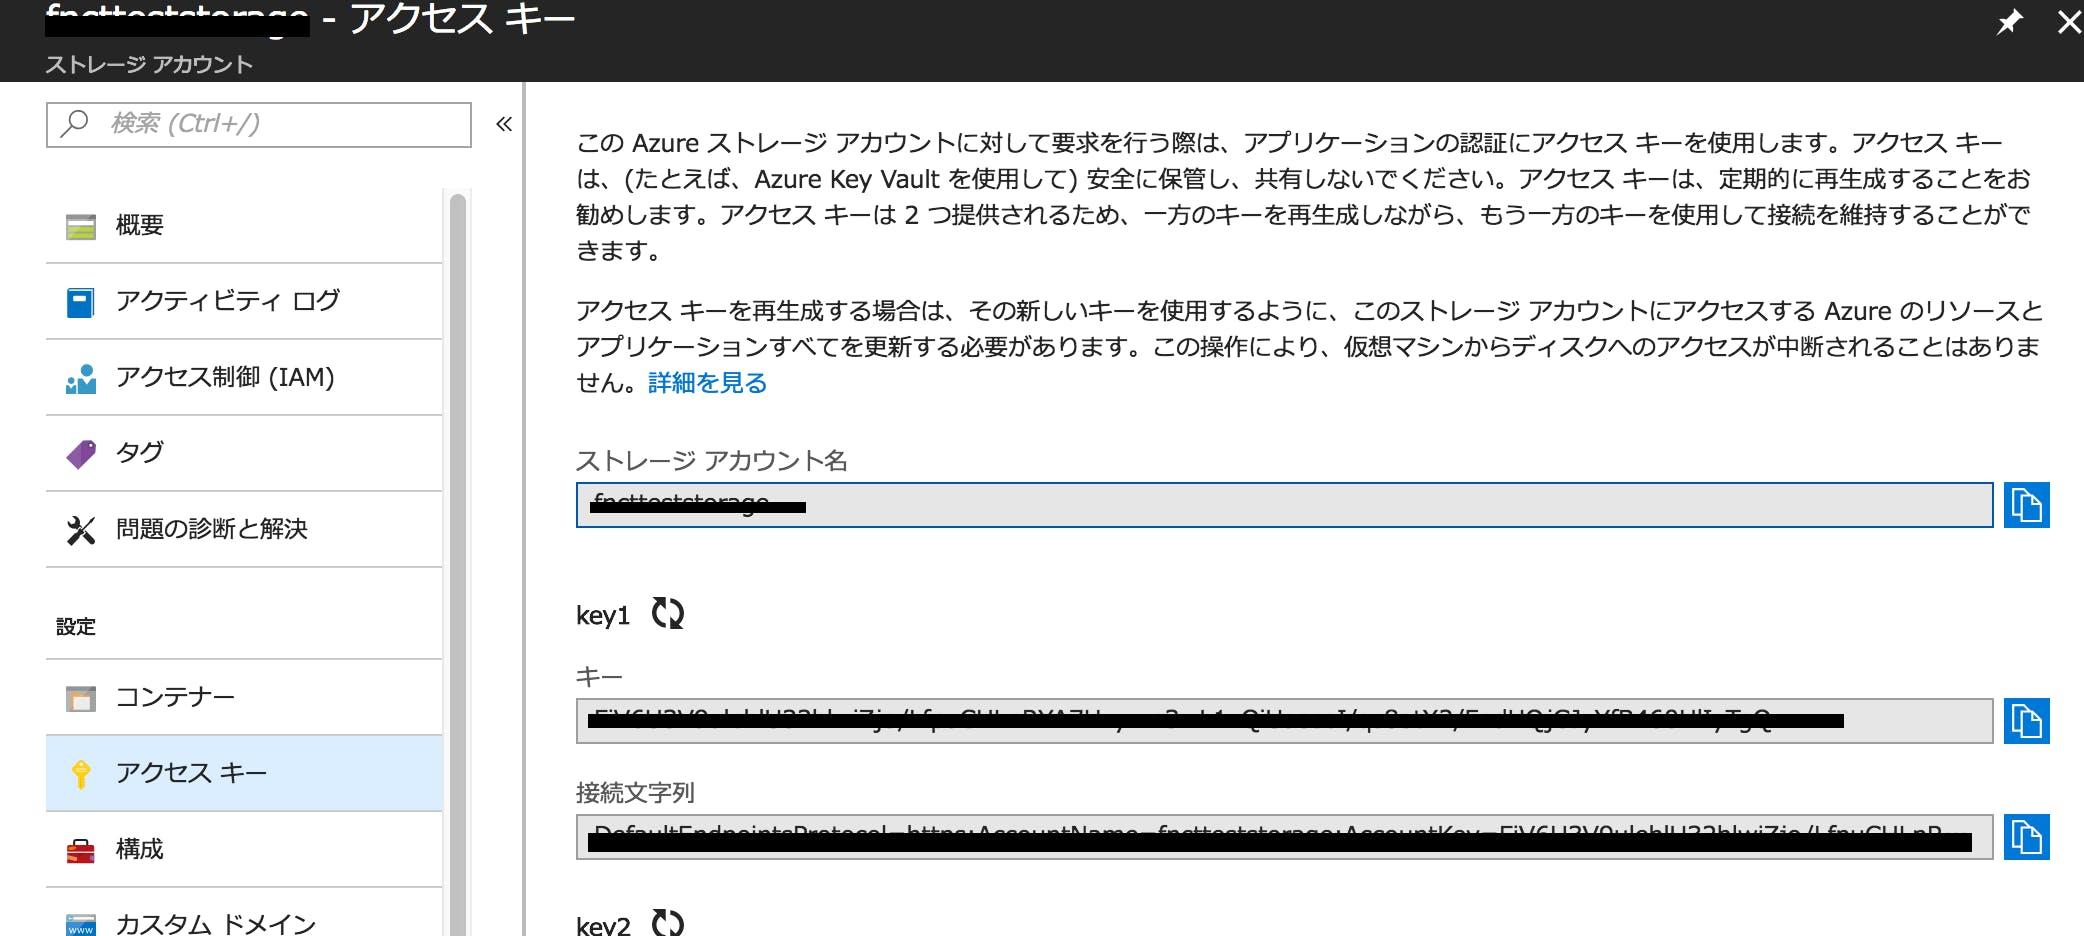 スクリーンショット 2018-04-24 0.47.09.png